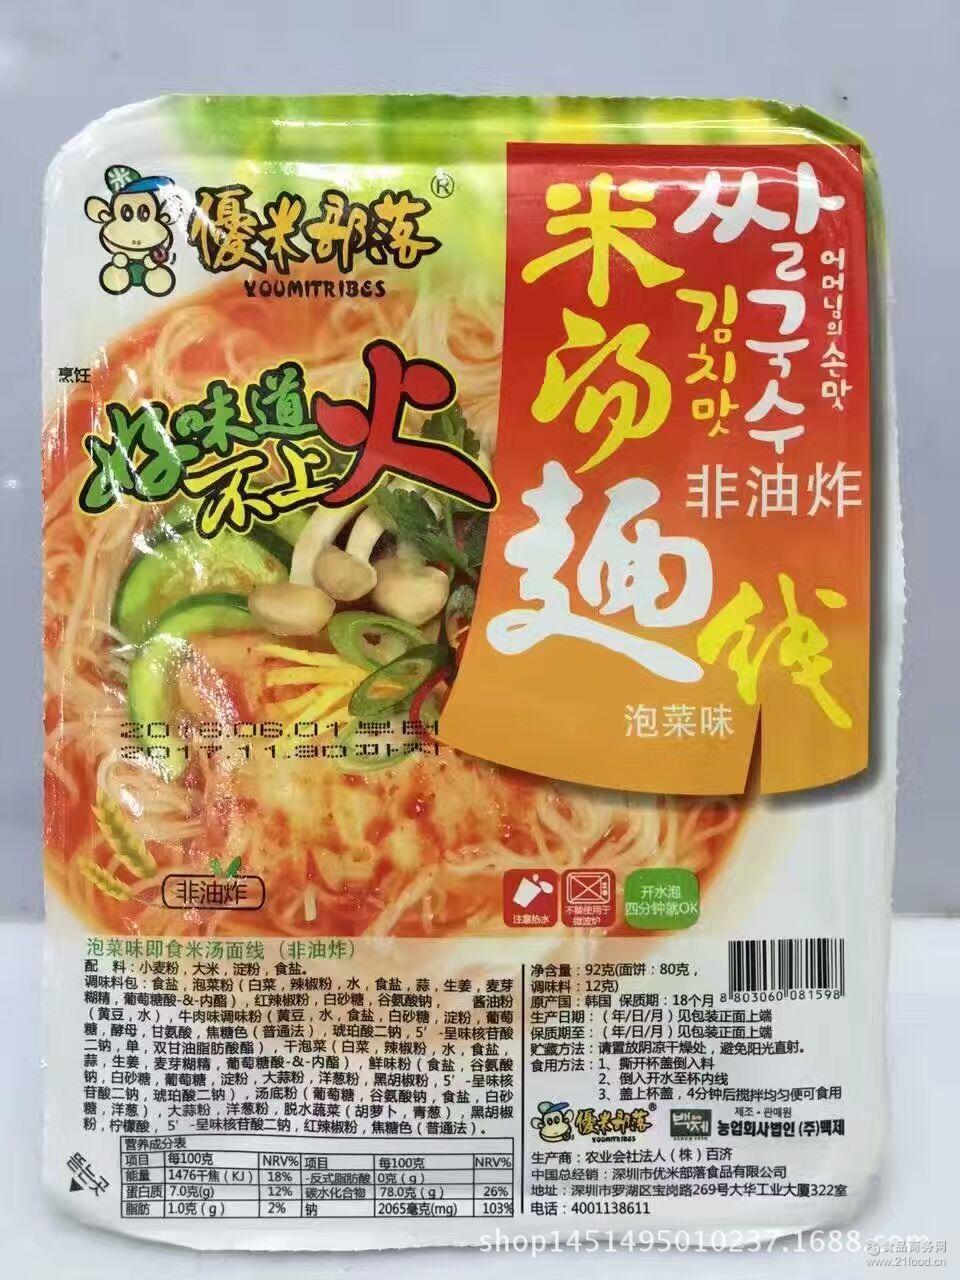 香辣味 速食面3味可选 泡菜味 优米部落米汤面线92克 鳀鱼味